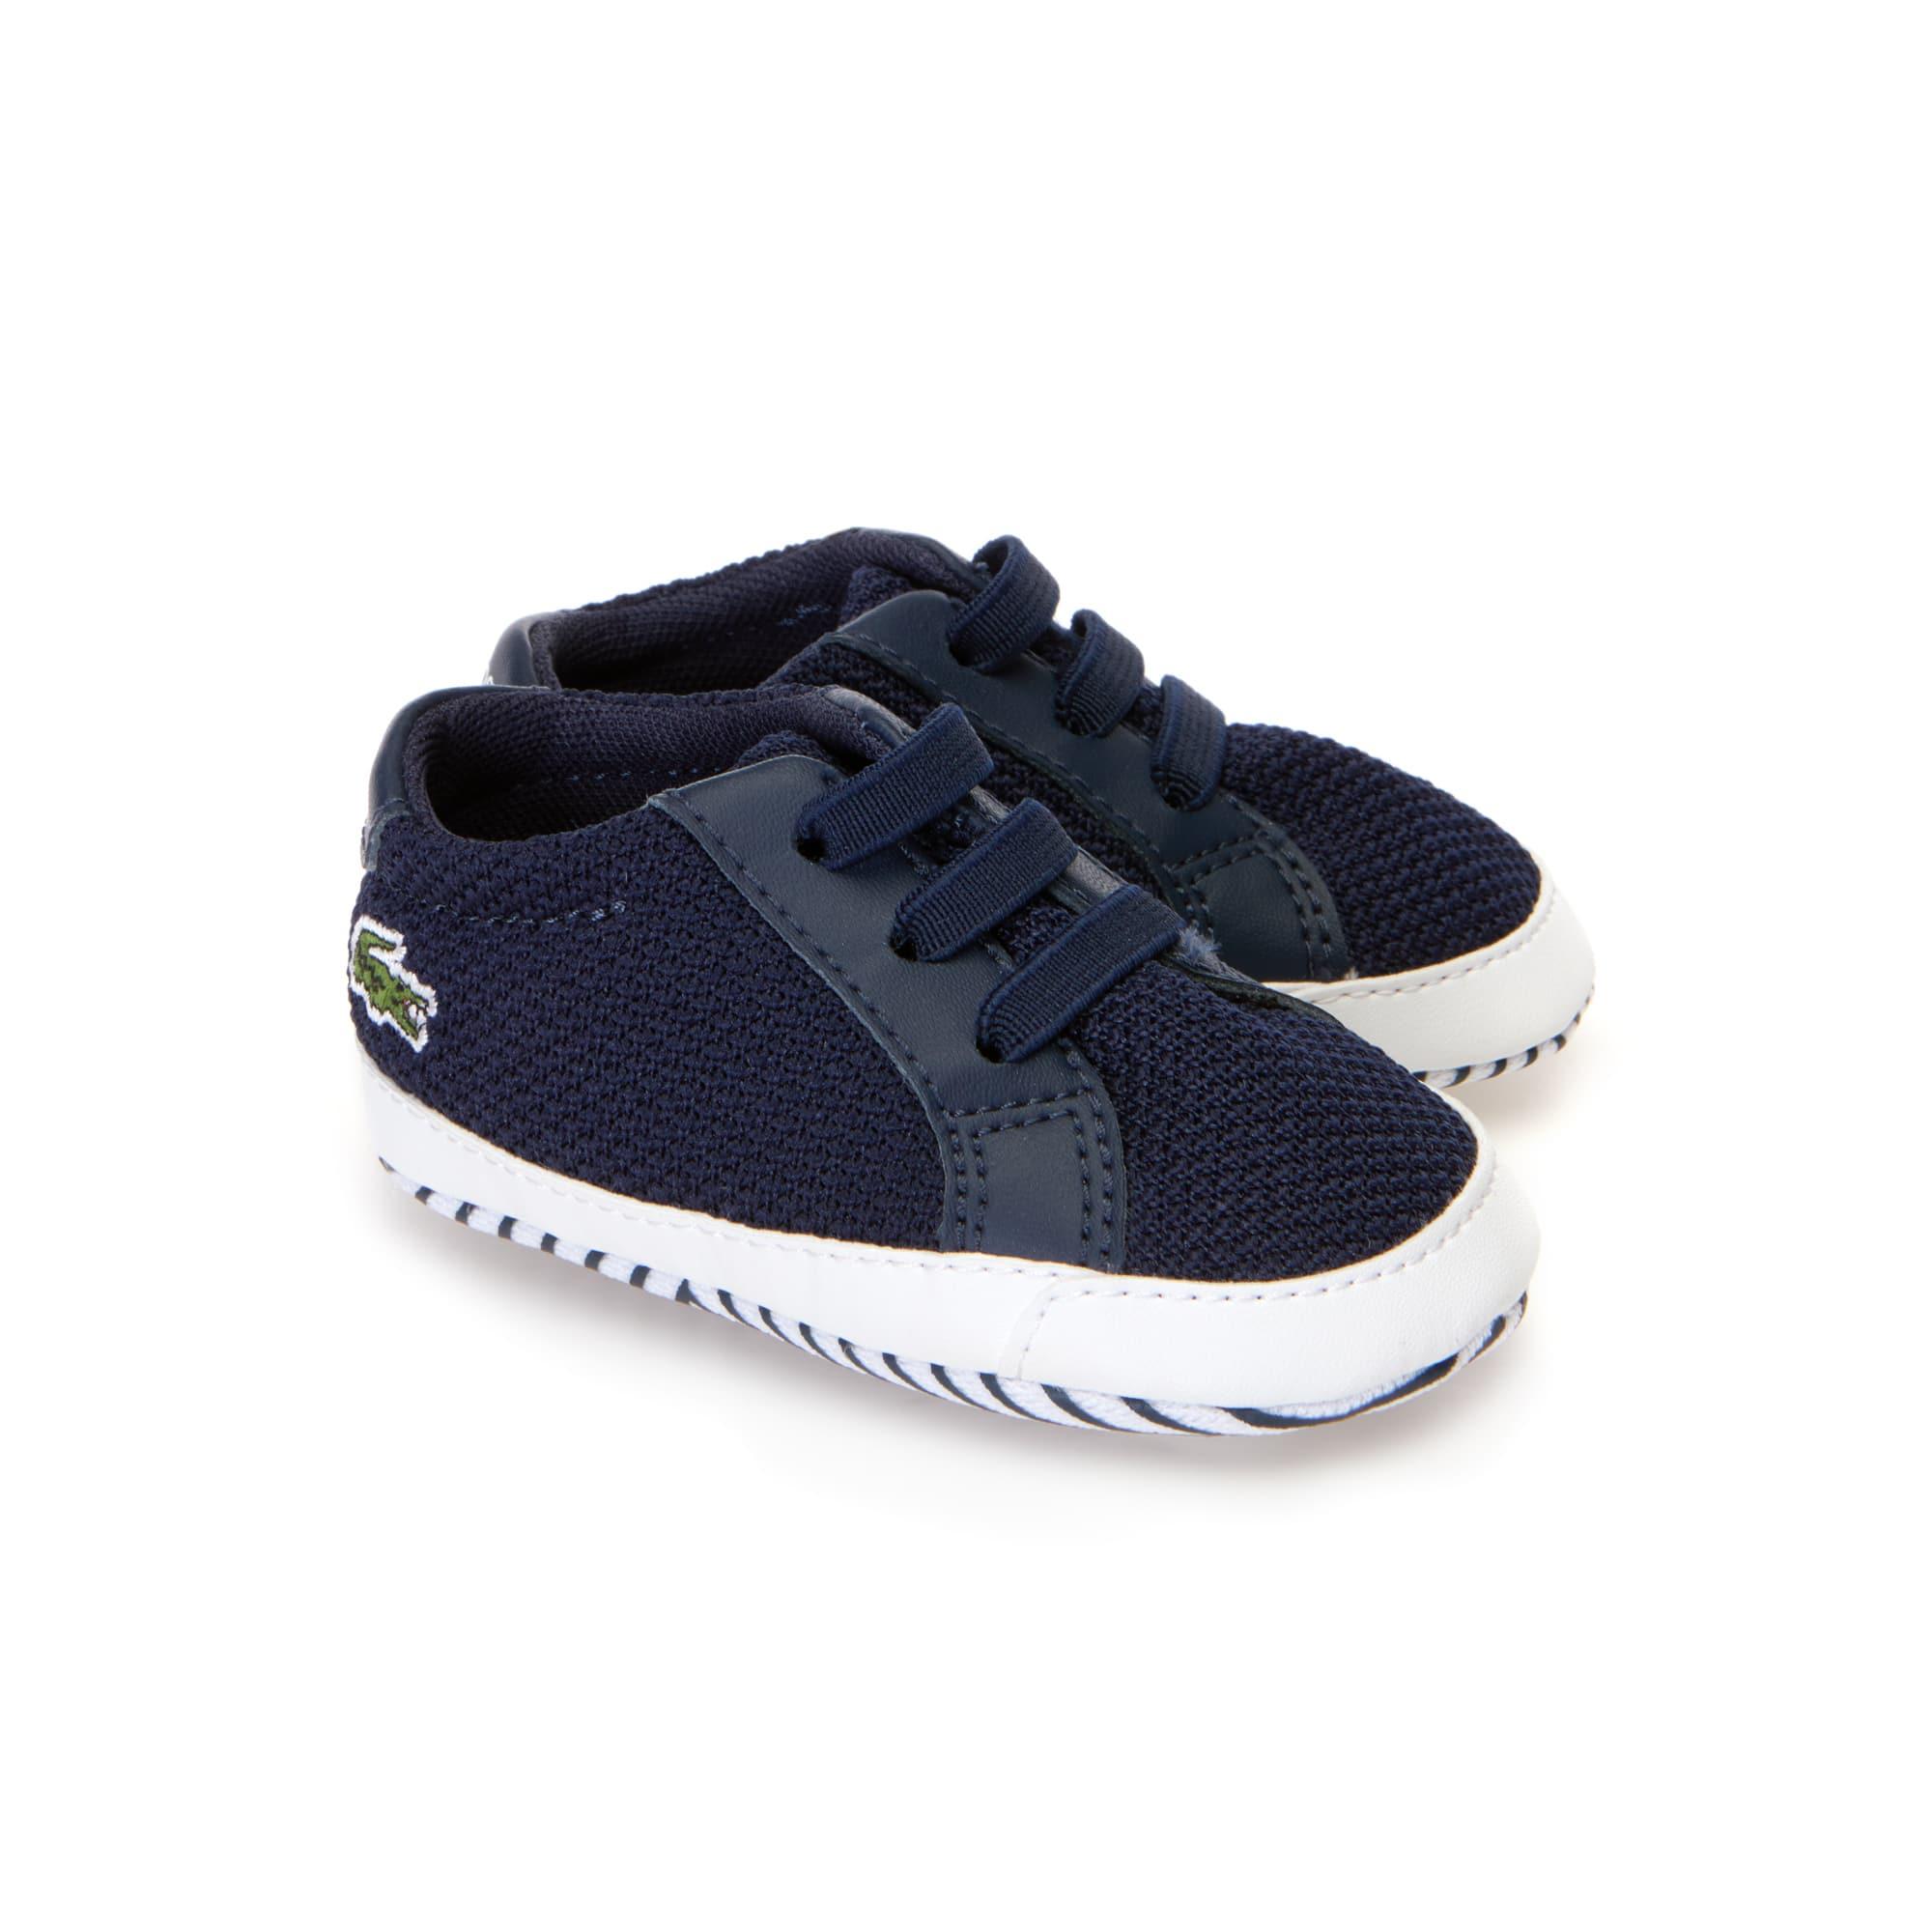 Sneakers Textile L 12 Bébé 12 Lacoste En Crib S8wPU1a